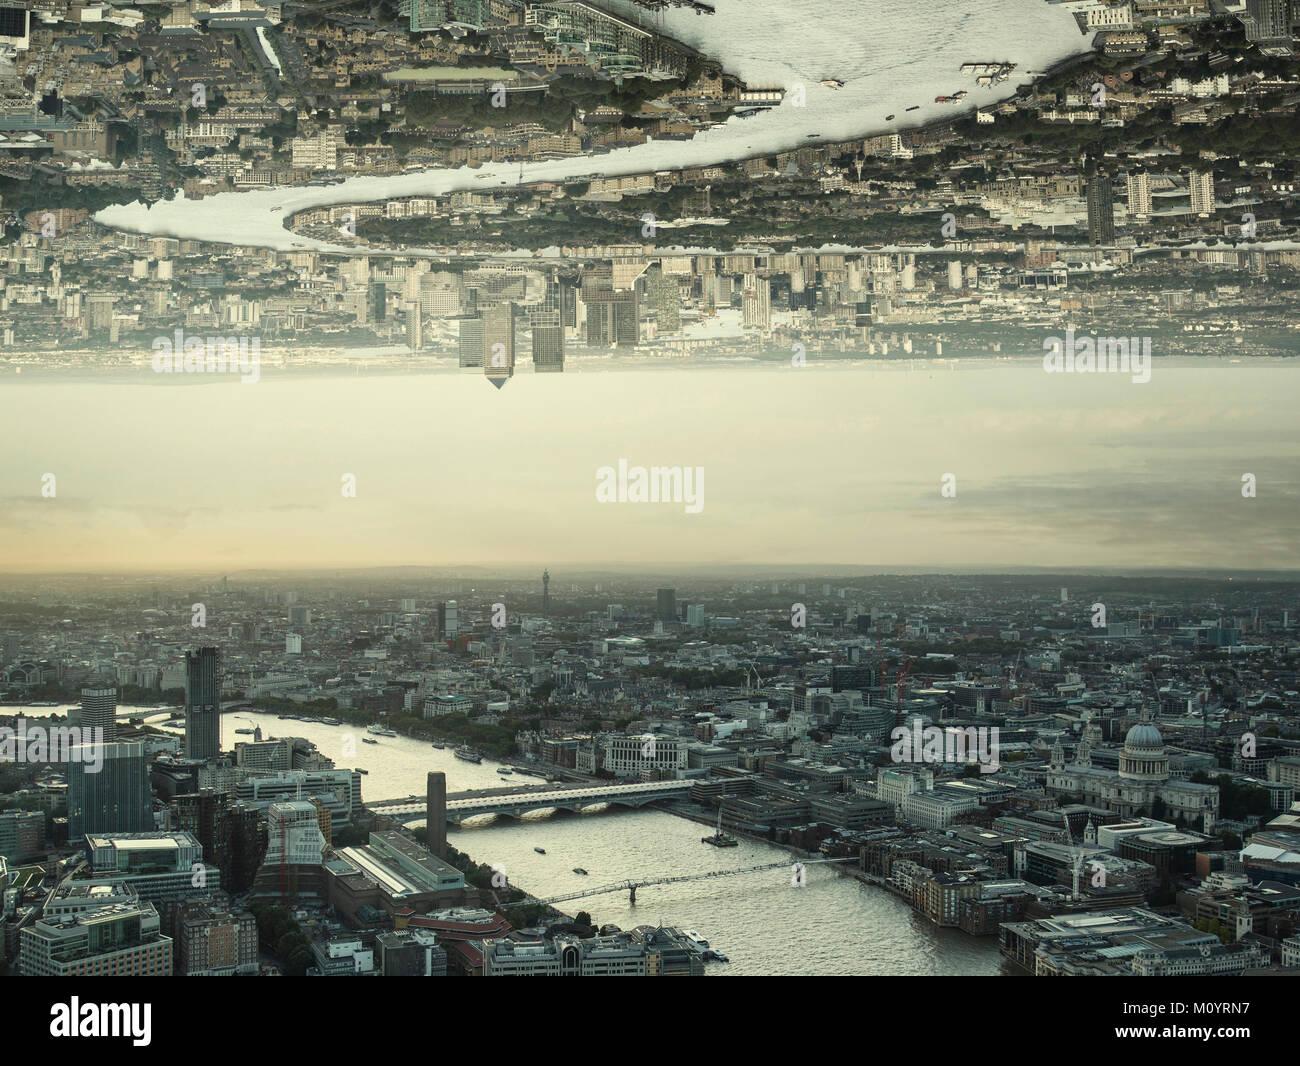 Sci-fi futuristic fantasy image of upside down city landscape Stock Photo